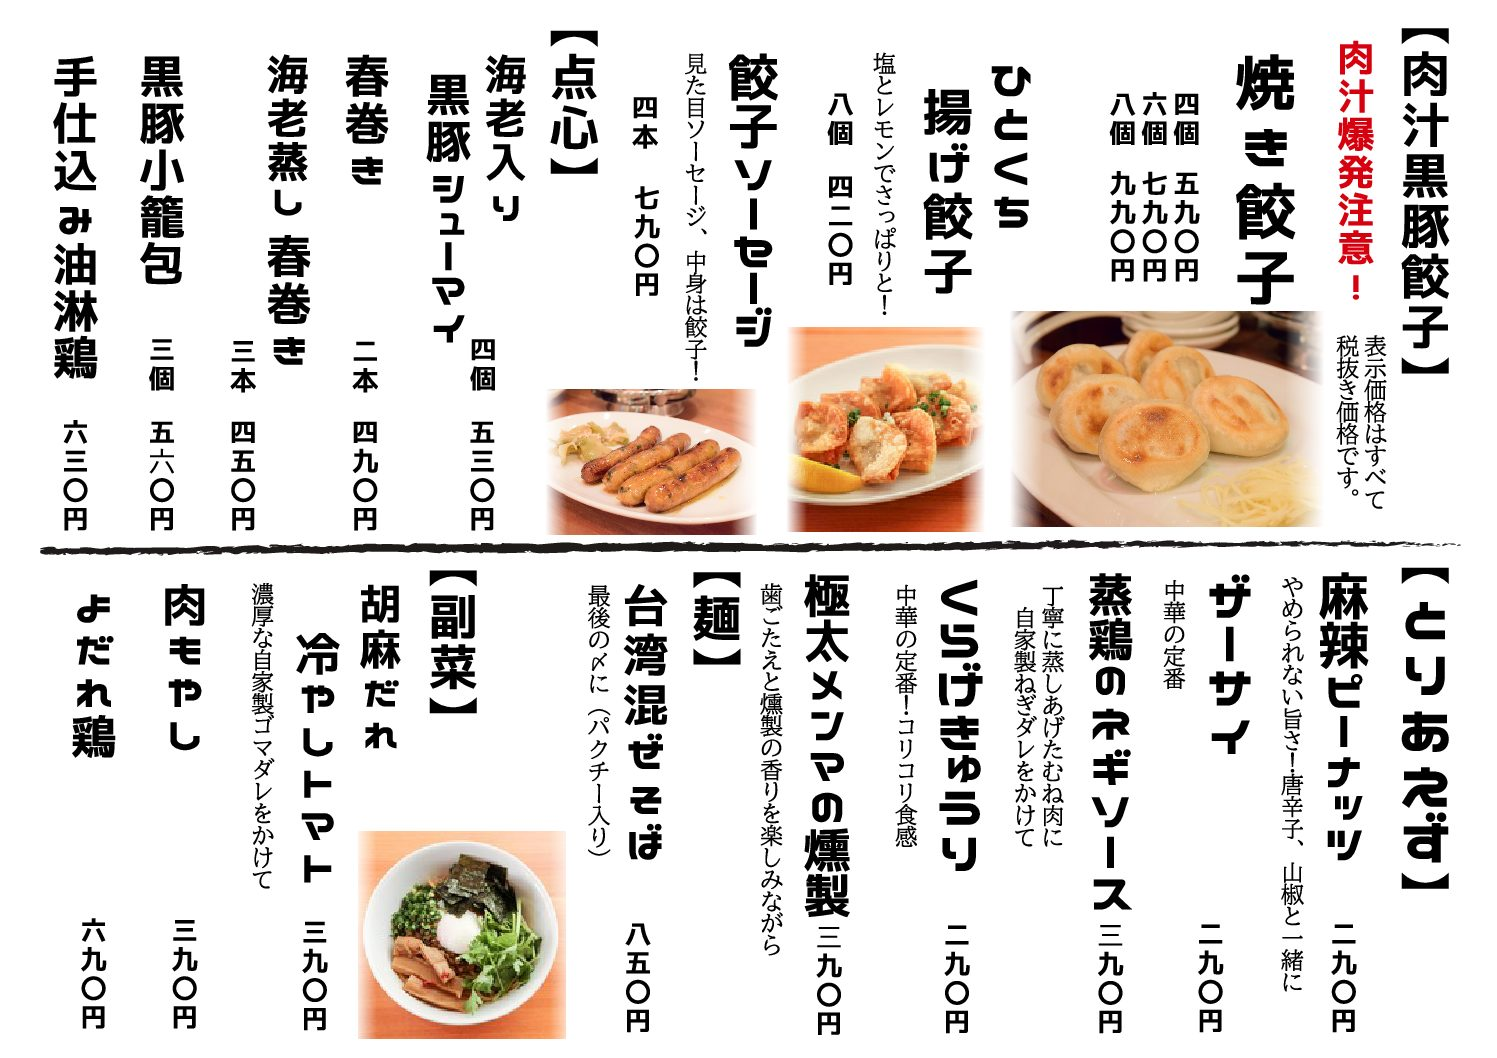 曾さんの餃子 横浜桜木町店・メニュー